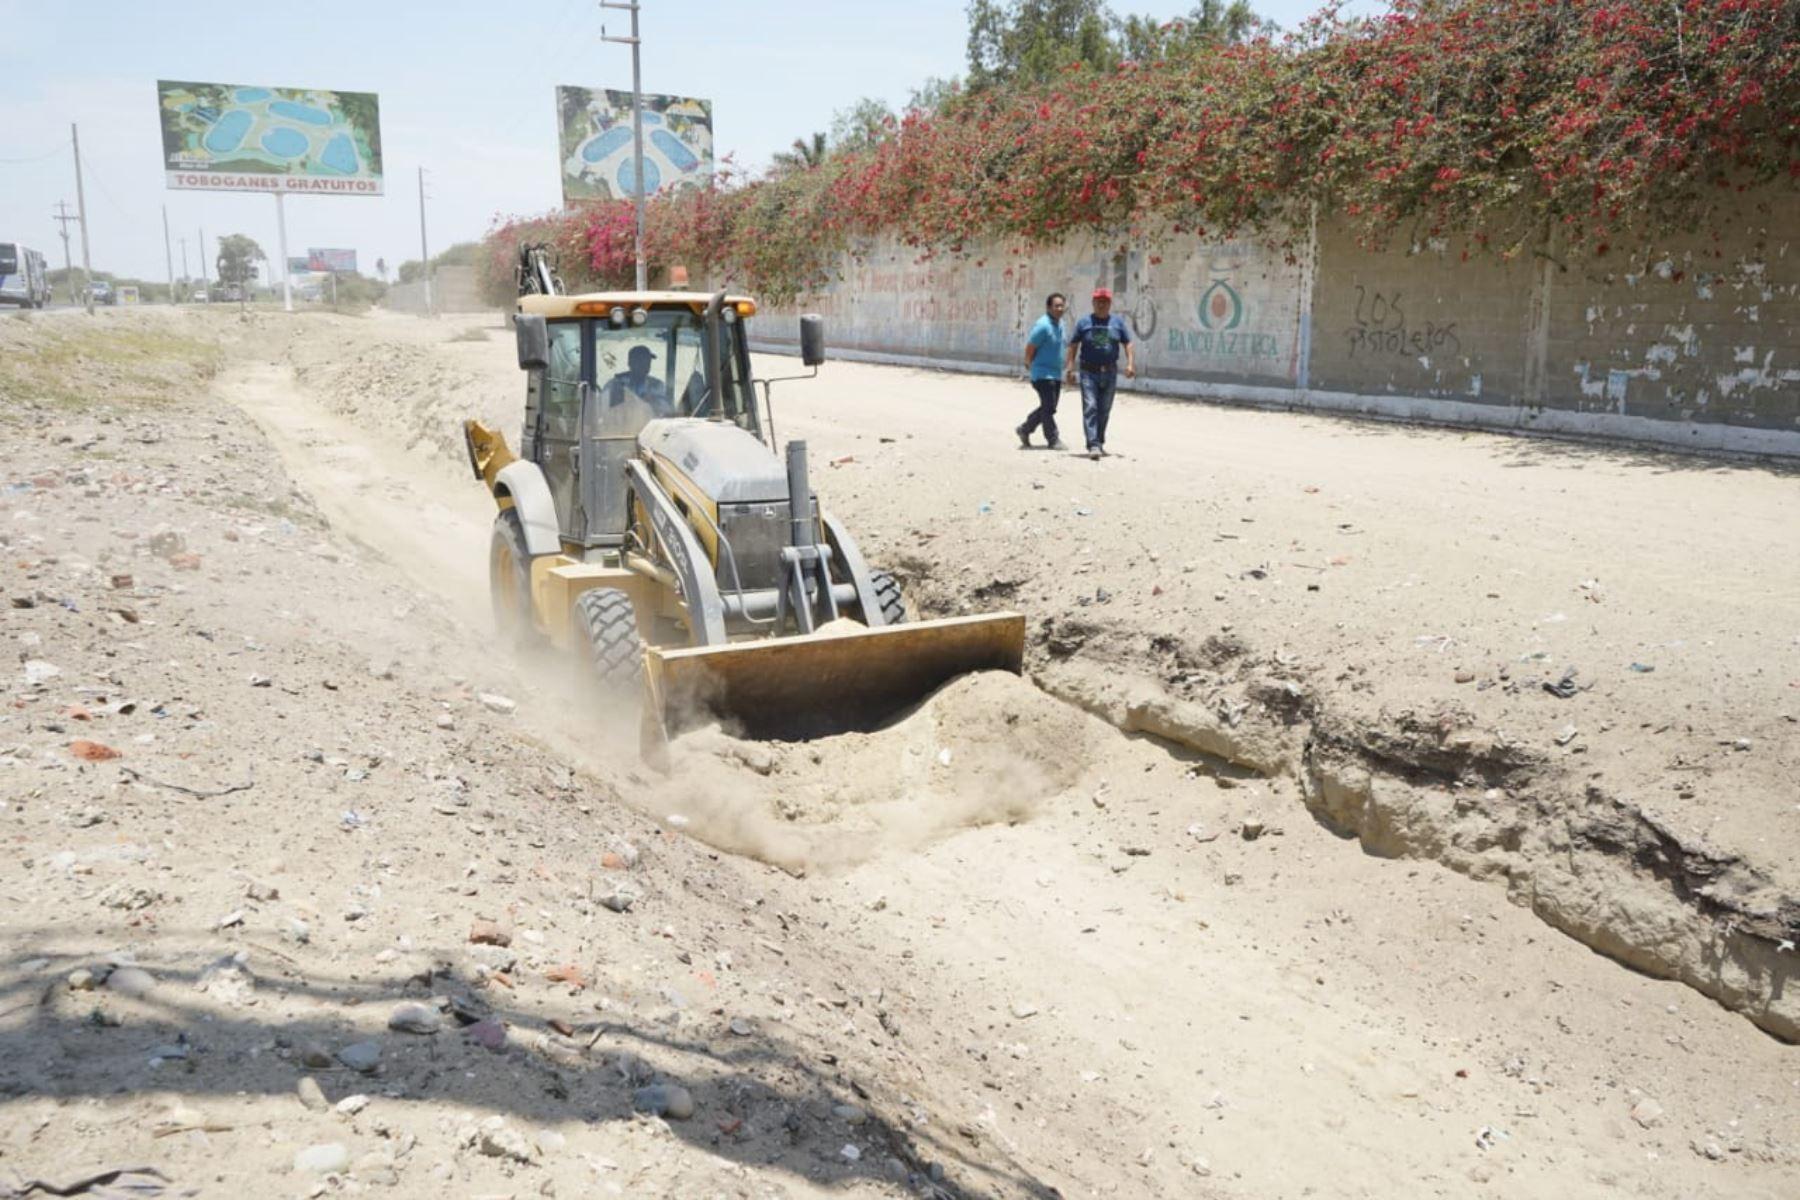 Ministerio de Vivienda, Construcción y Saneamiento pone a disposición de la región Piura maquinaria pesada para limpiar cauces de manera preventiva.